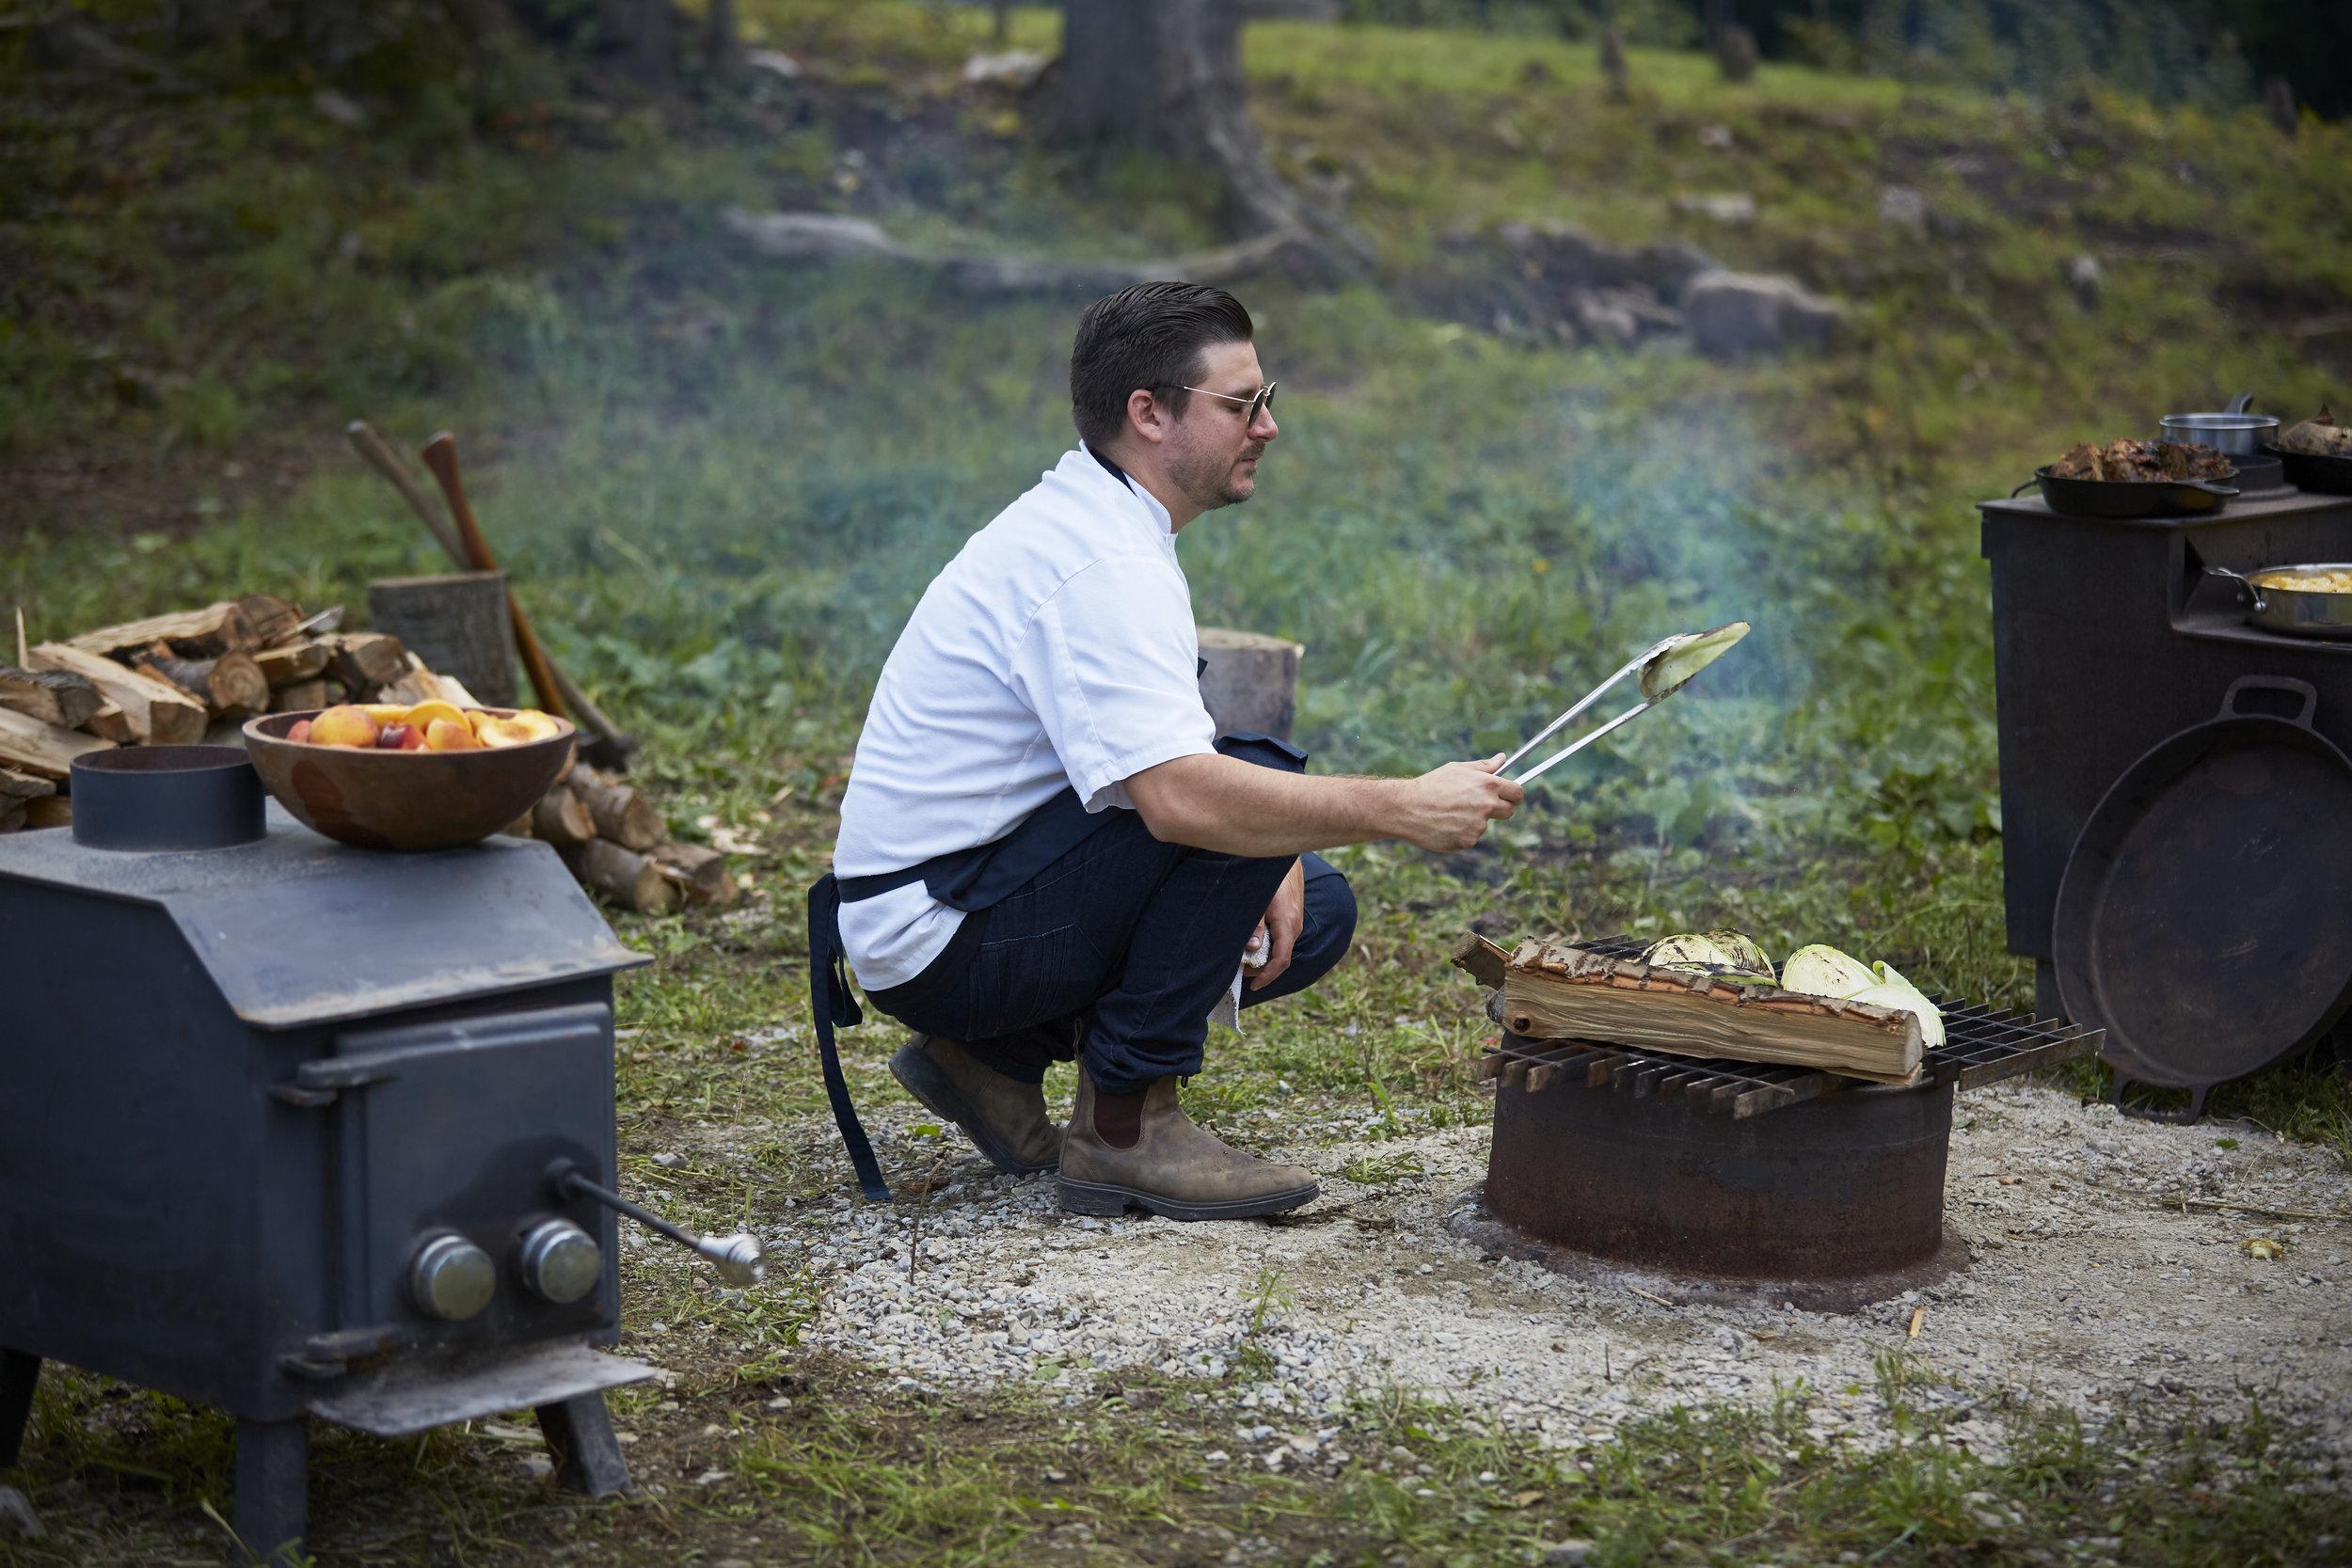 Chef Jeremy Austin Prepping for harvest dinner C., 2019